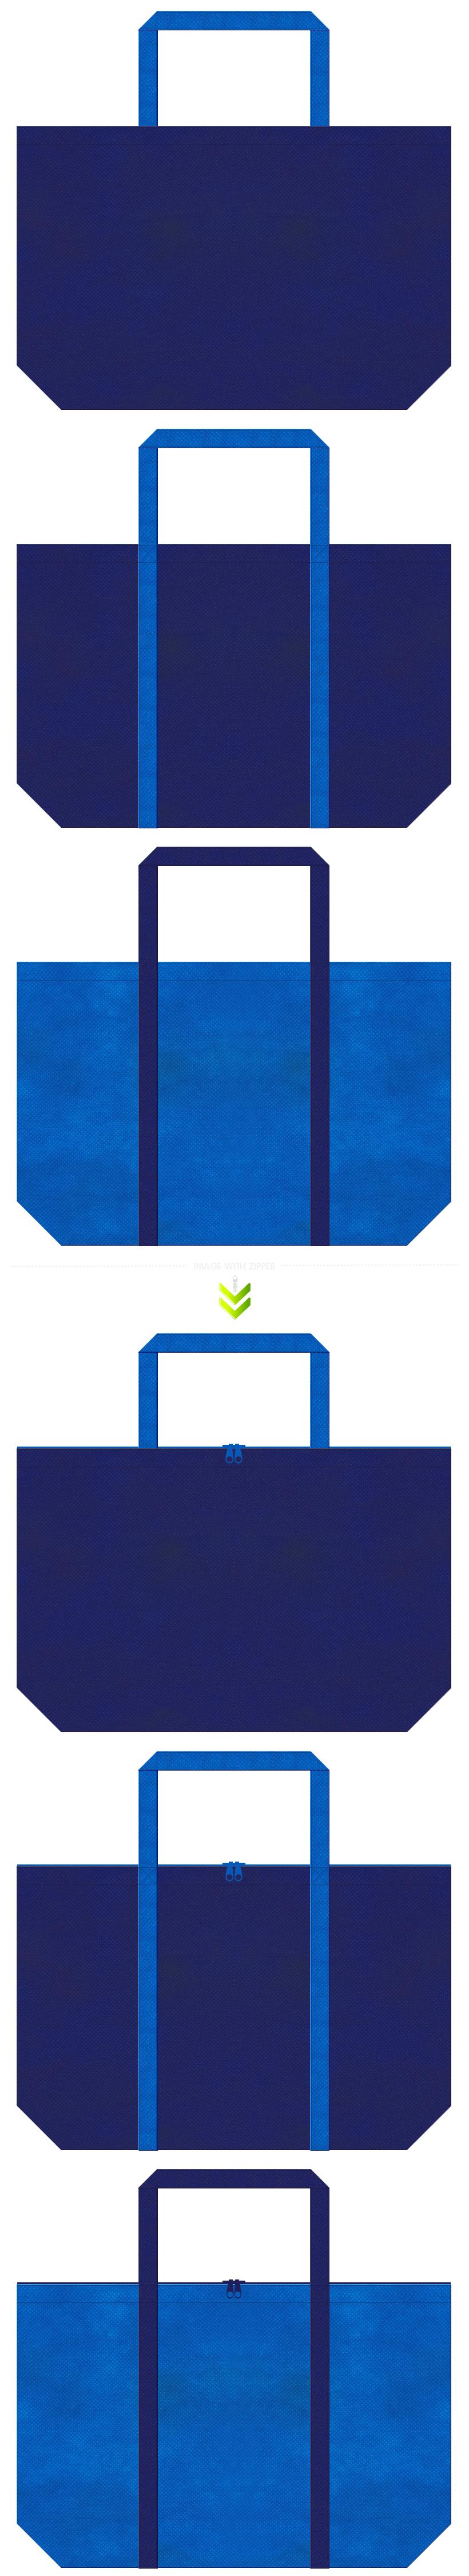 不織布バッグのデザイン:不織布カラーNo.24ネイビーパープルとNo.22スカイブルーの組み合わせ